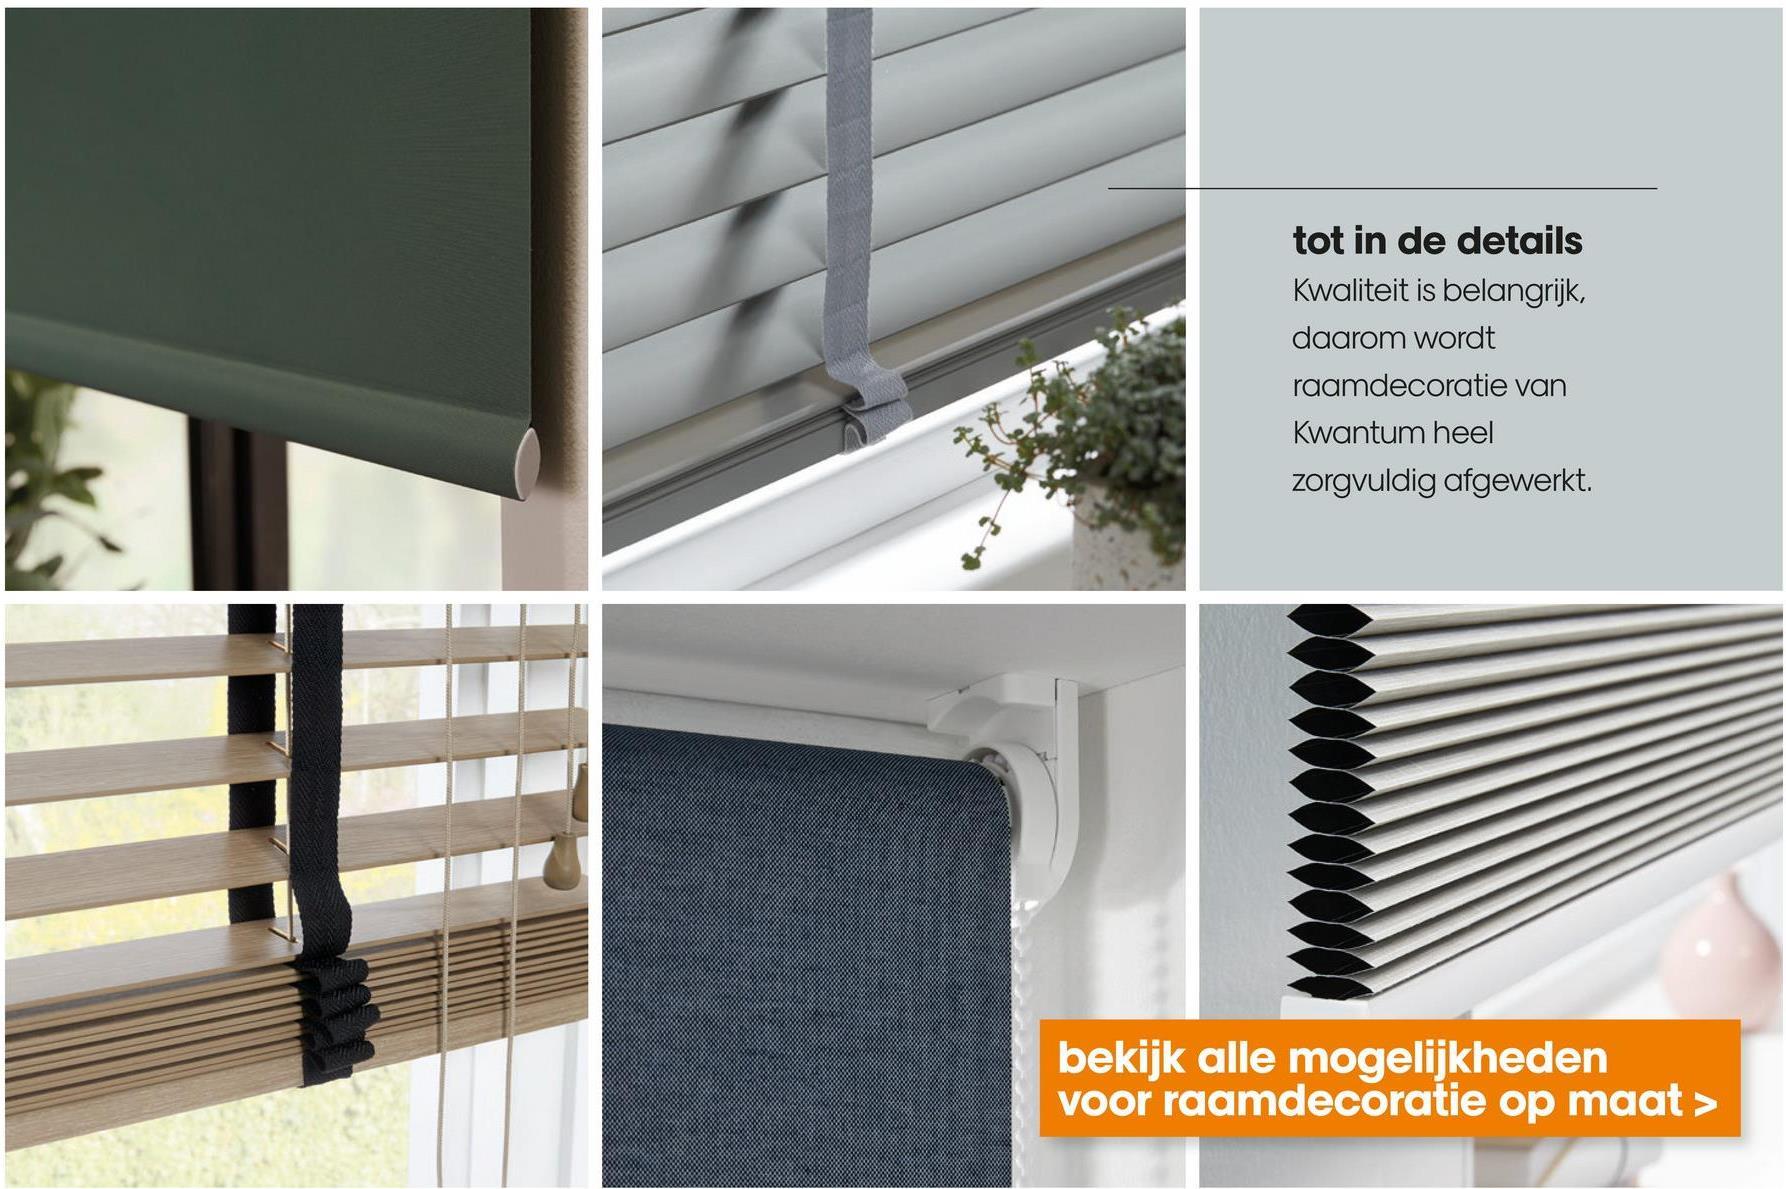 tot in de details Kwaliteit is belangrijk, daarom wordt raamdecoratie van Kwantum heel zorgvuldig afgewerkt. bekijk alle mogelijkheden voor raamdecoratie op maat >